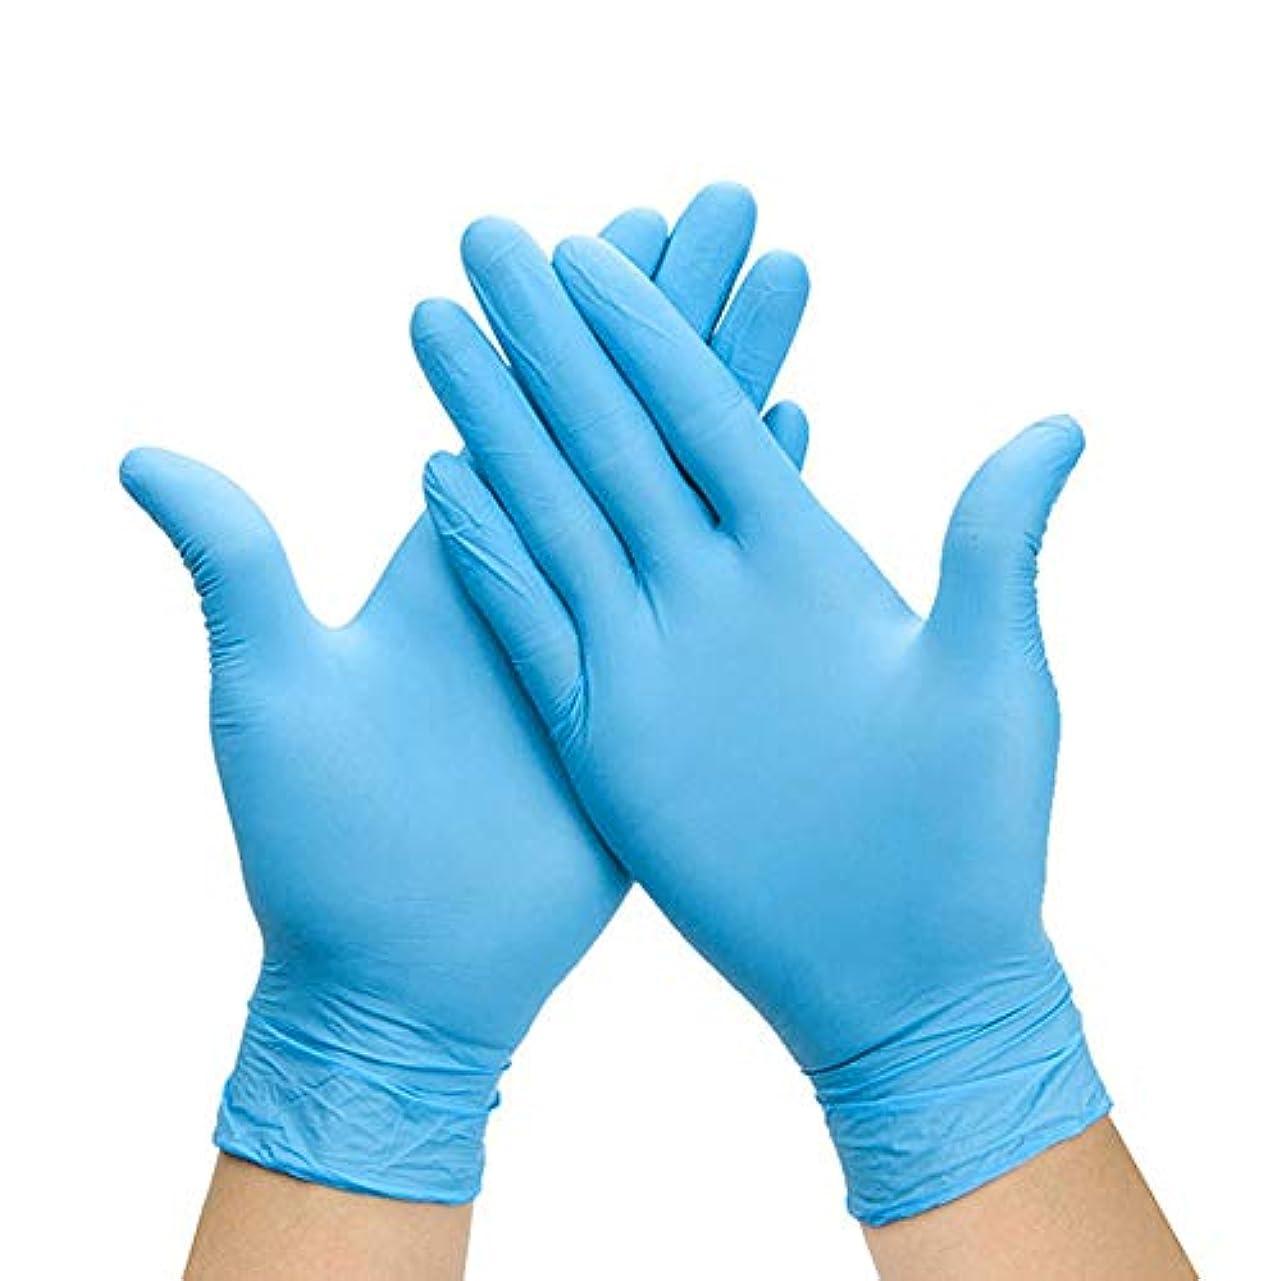 ペッカディロドループ感性Besline 使い捨て手袋 ゴム手袋滑り止め表面肥厚使い捨て手袋食品グレード手袋、ラテックスゴムフリー、100個